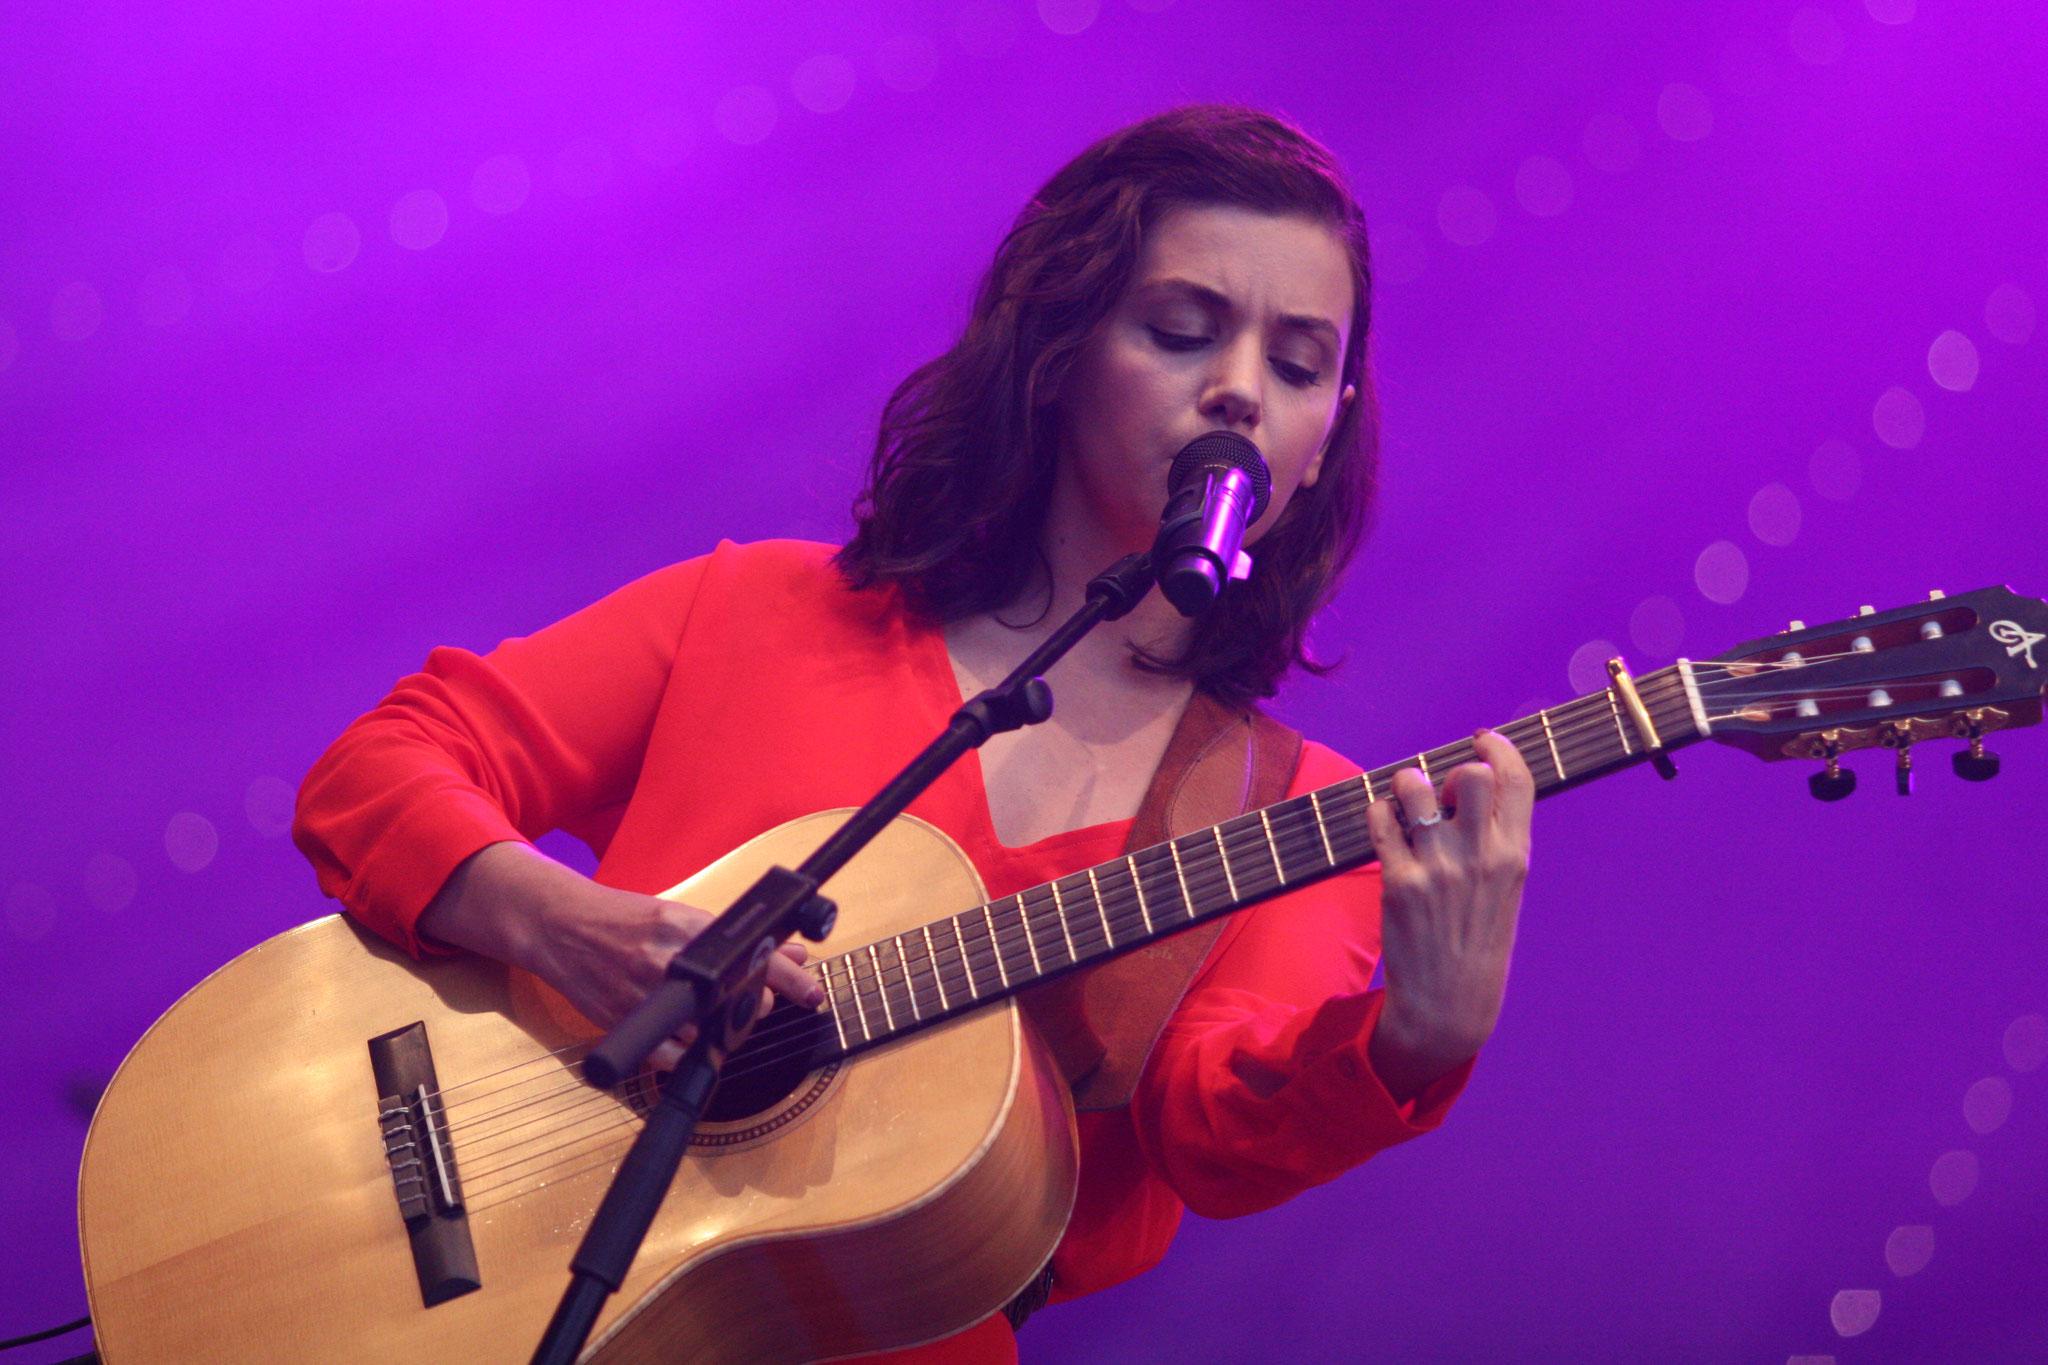 Katie Melua & Band @ Klassik am Dom Linz, 12.07.2019 (c) migglpictures